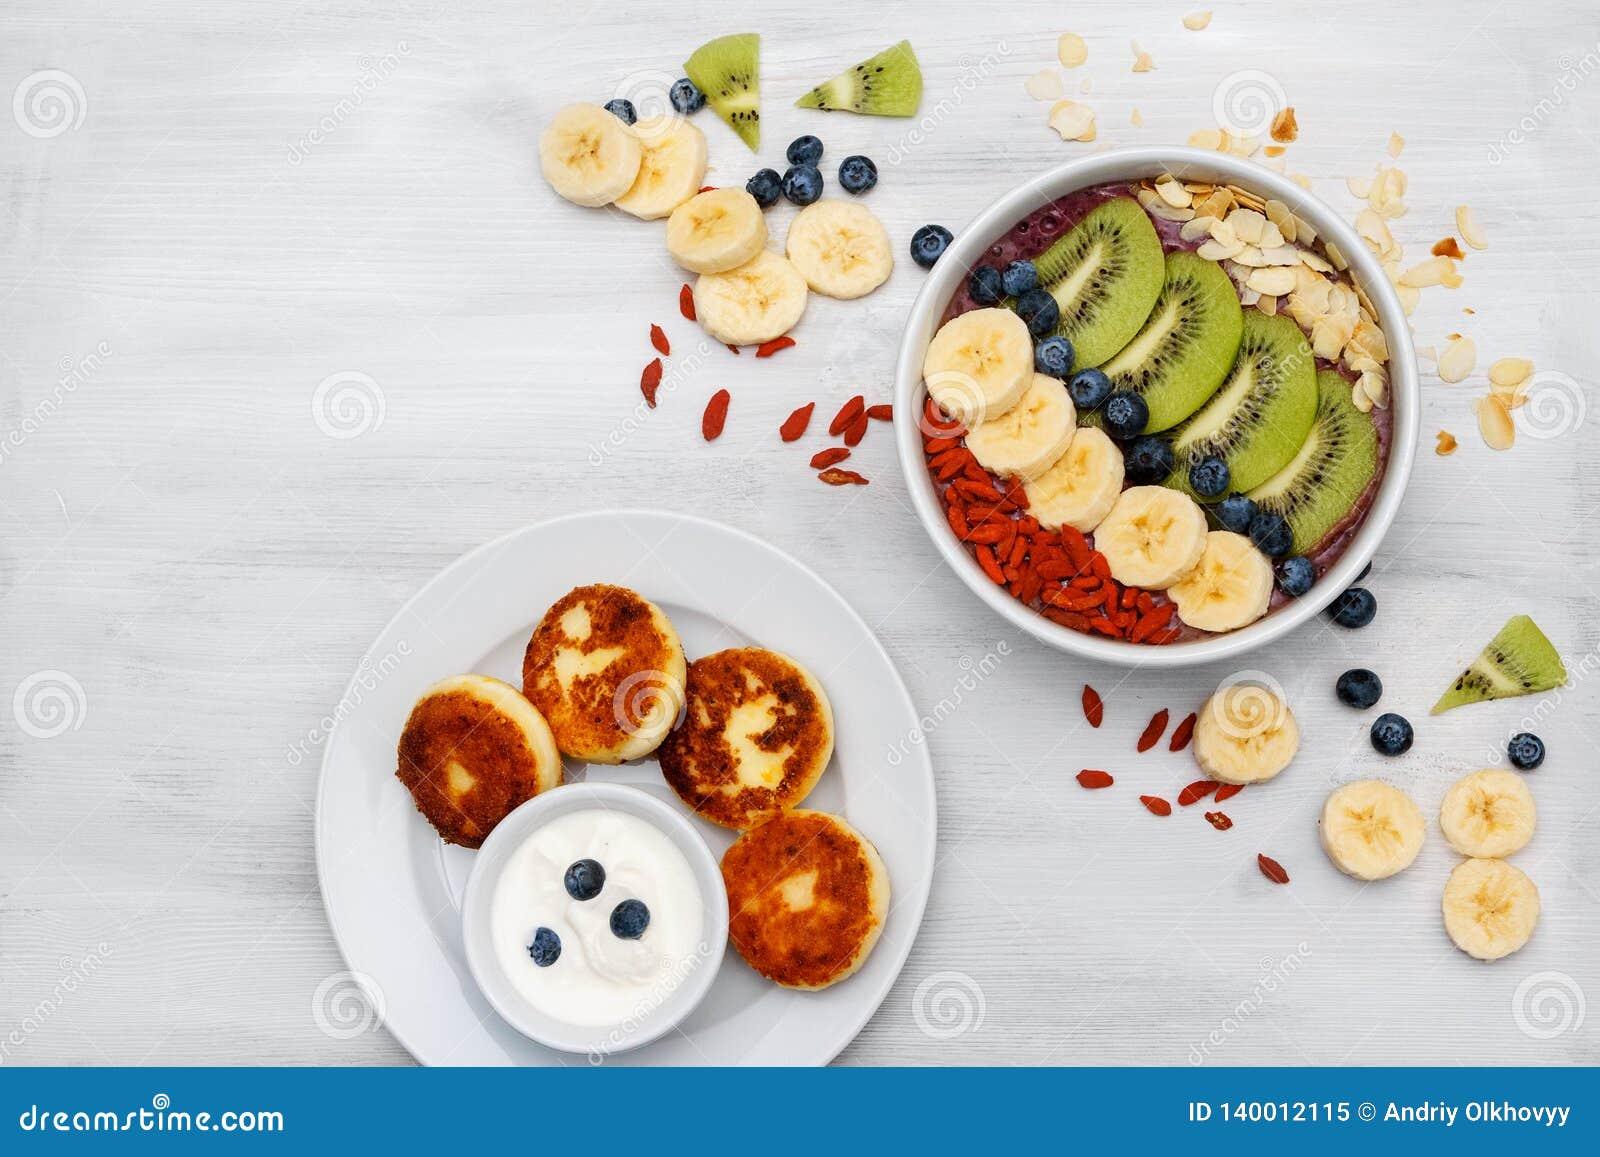 De fruitmousse in kommen voor gezonde ontbijt Verse organische smoothie maakte van banaan, kiwi, spirulina, wheatgrass en